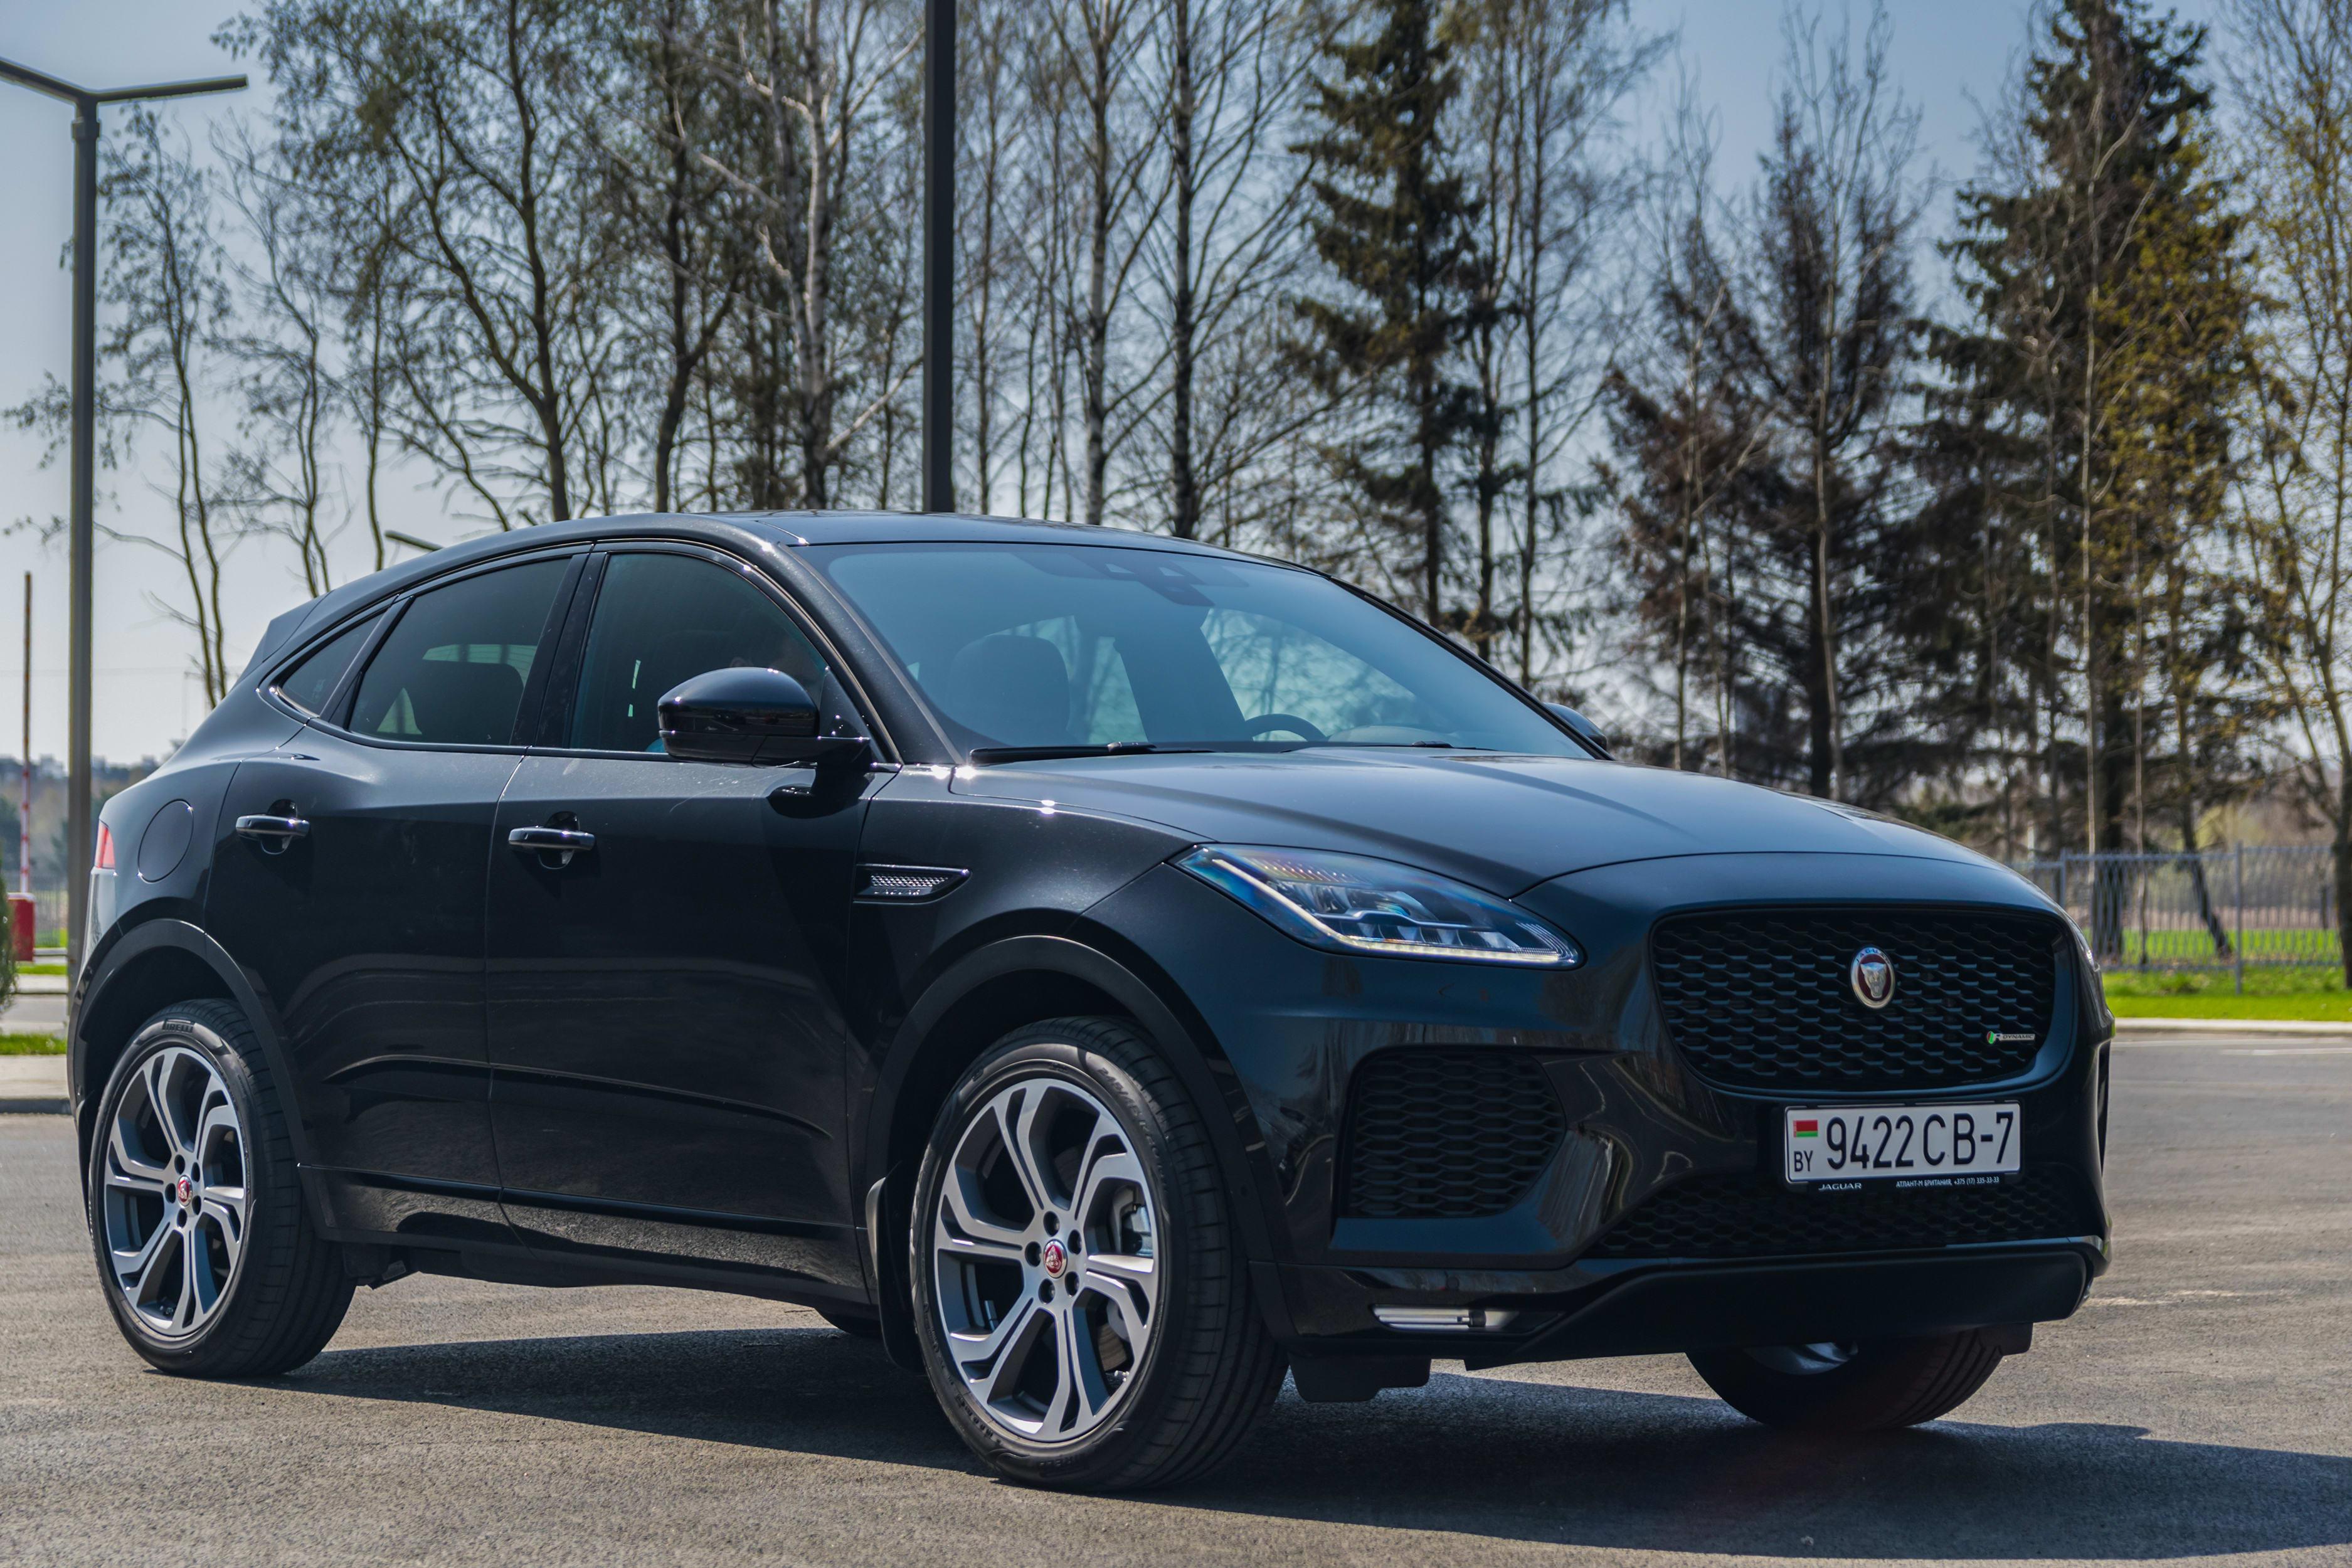 Brace Bracket Design Flaw Results In Jaguar Recall